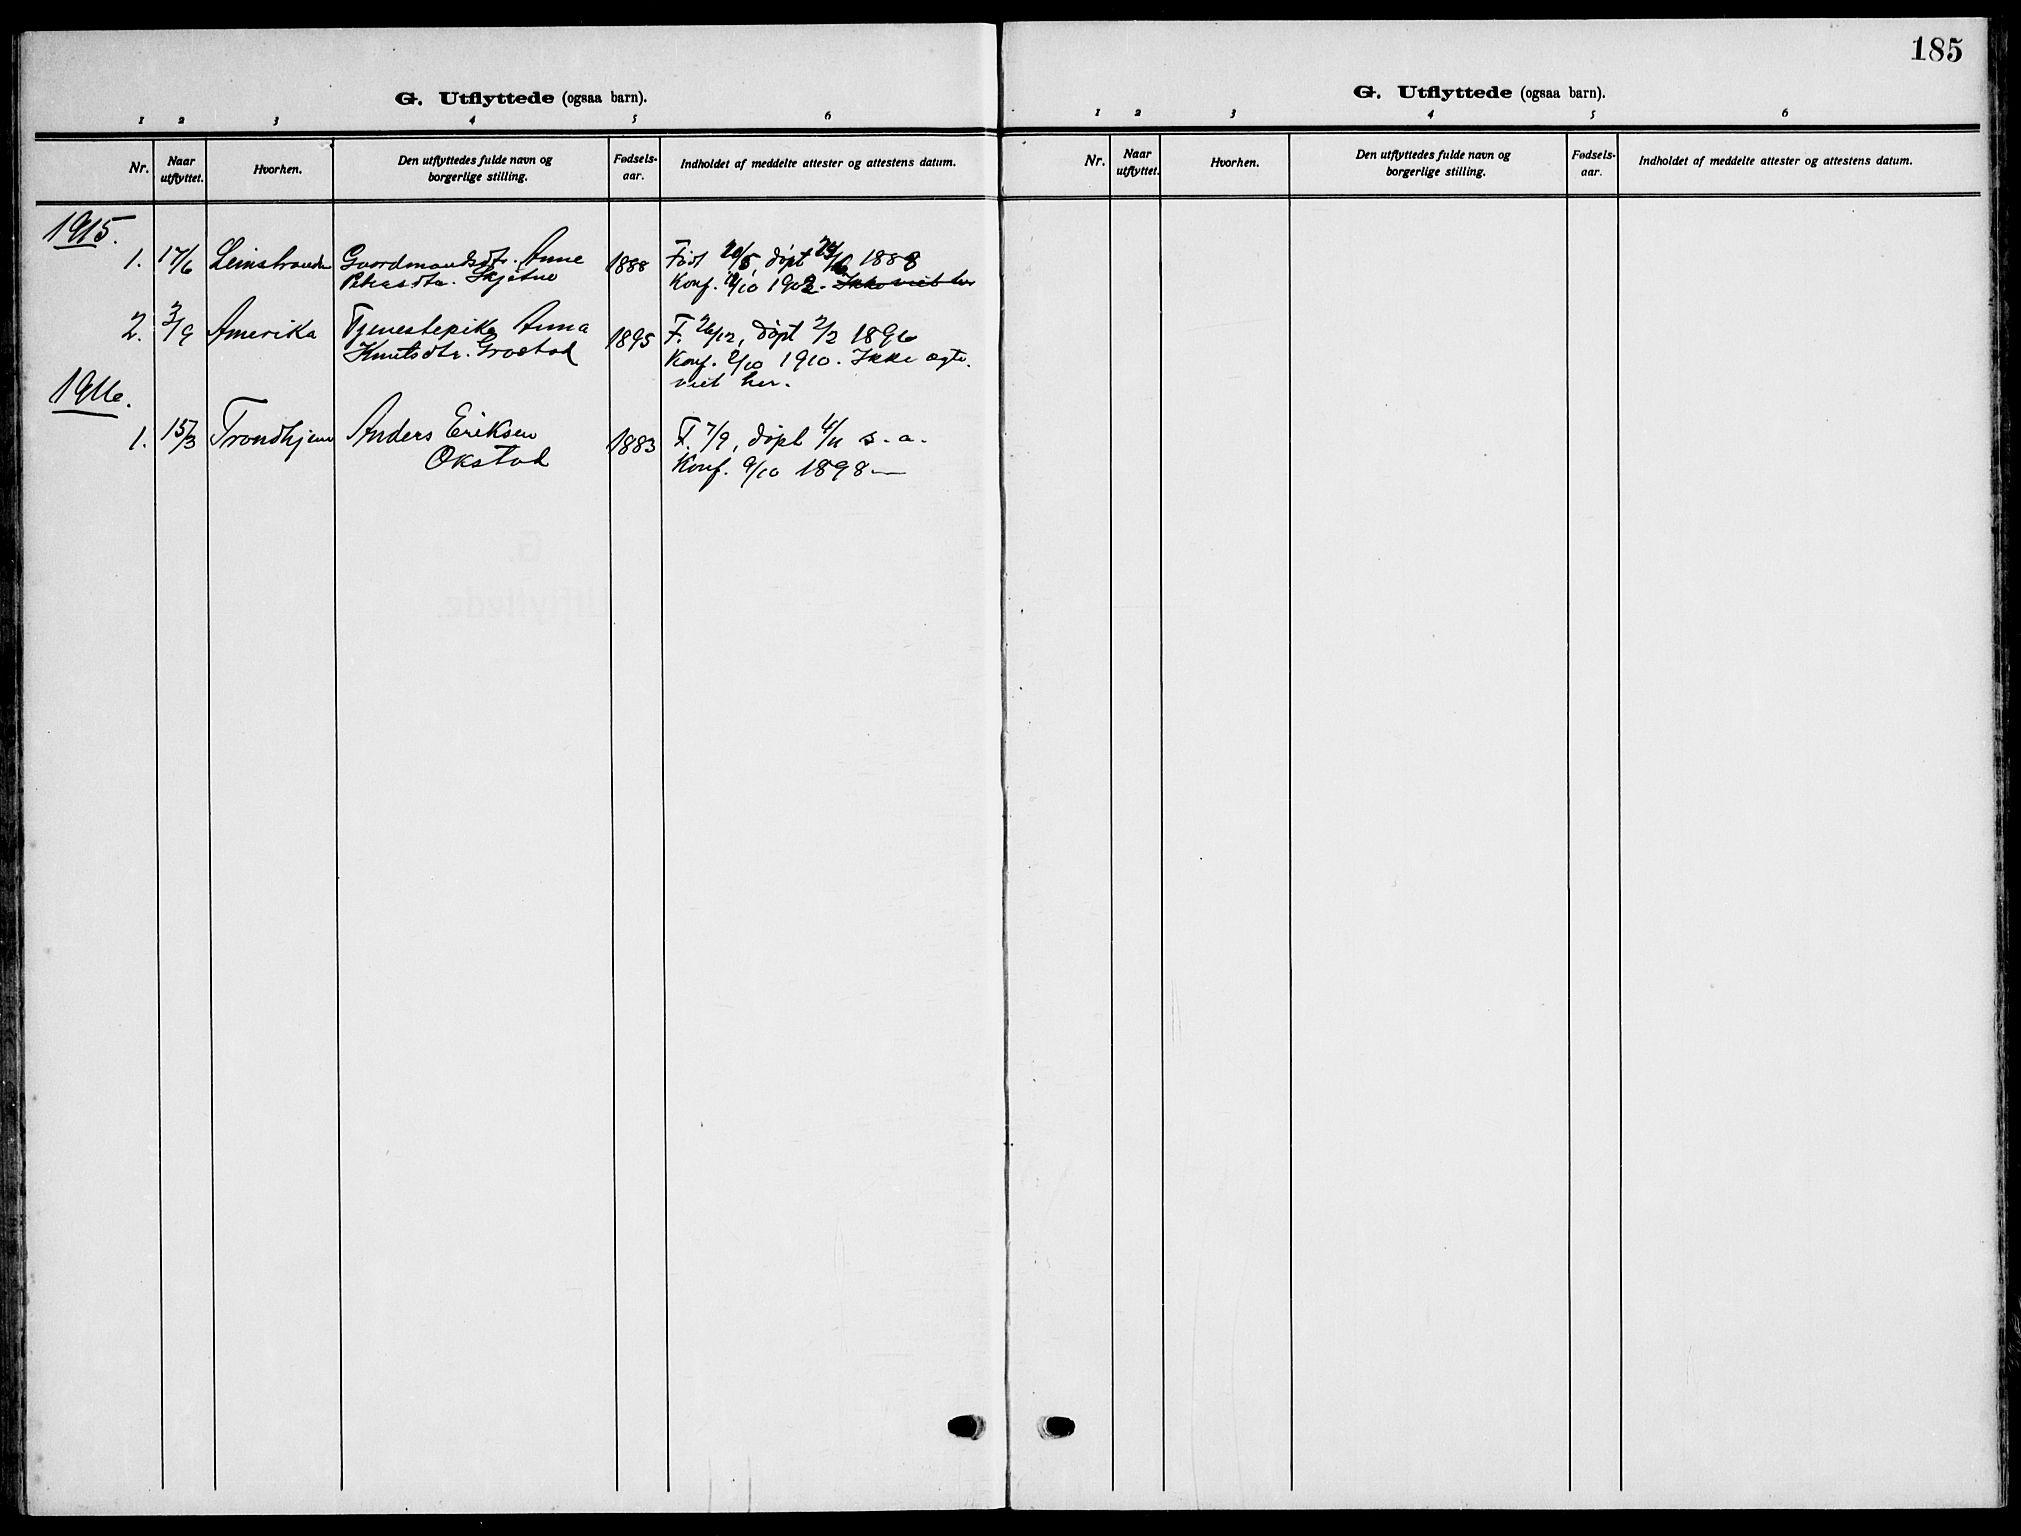 SAT, Ministerialprotokoller, klokkerbøker og fødselsregistre - Sør-Trøndelag, 621/L0462: Klokkerbok nr. 621C05, 1915-1945, s. 185